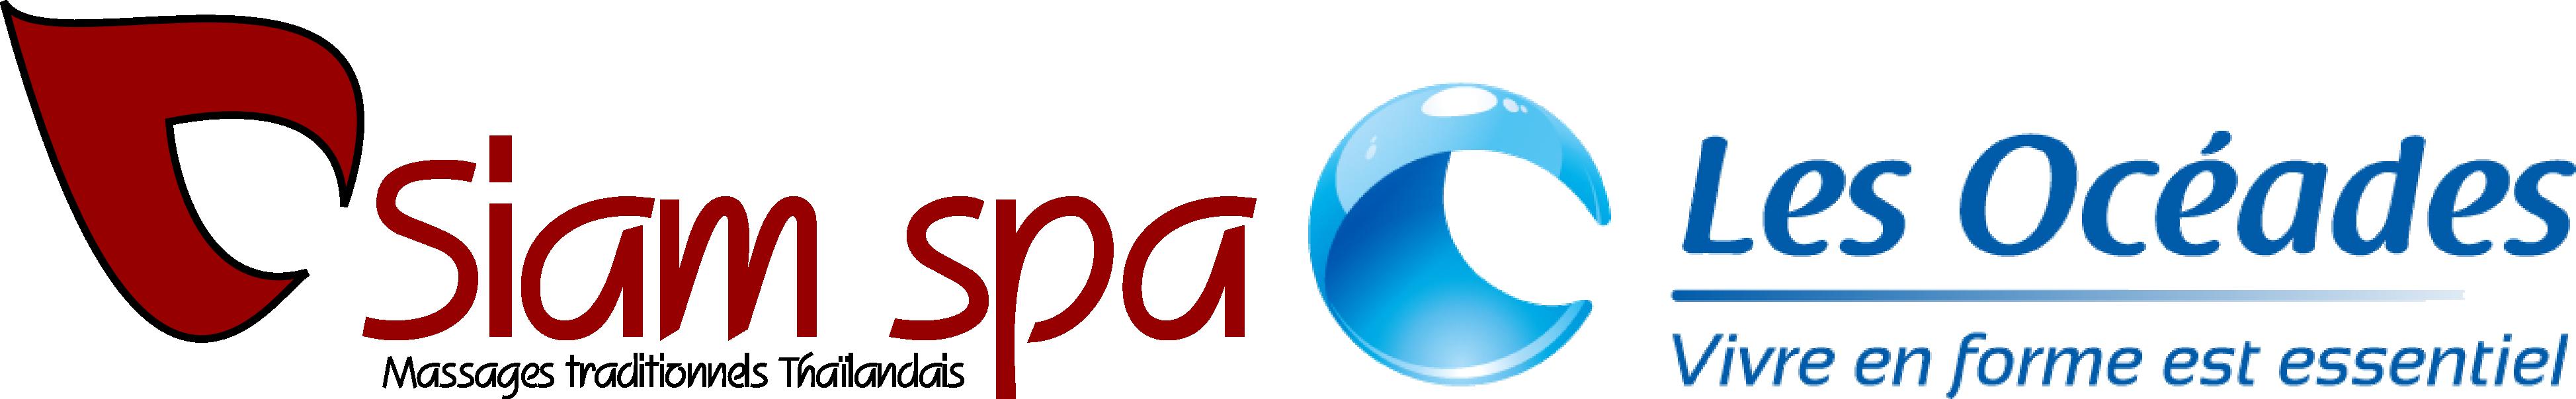 logo_siam_oceades